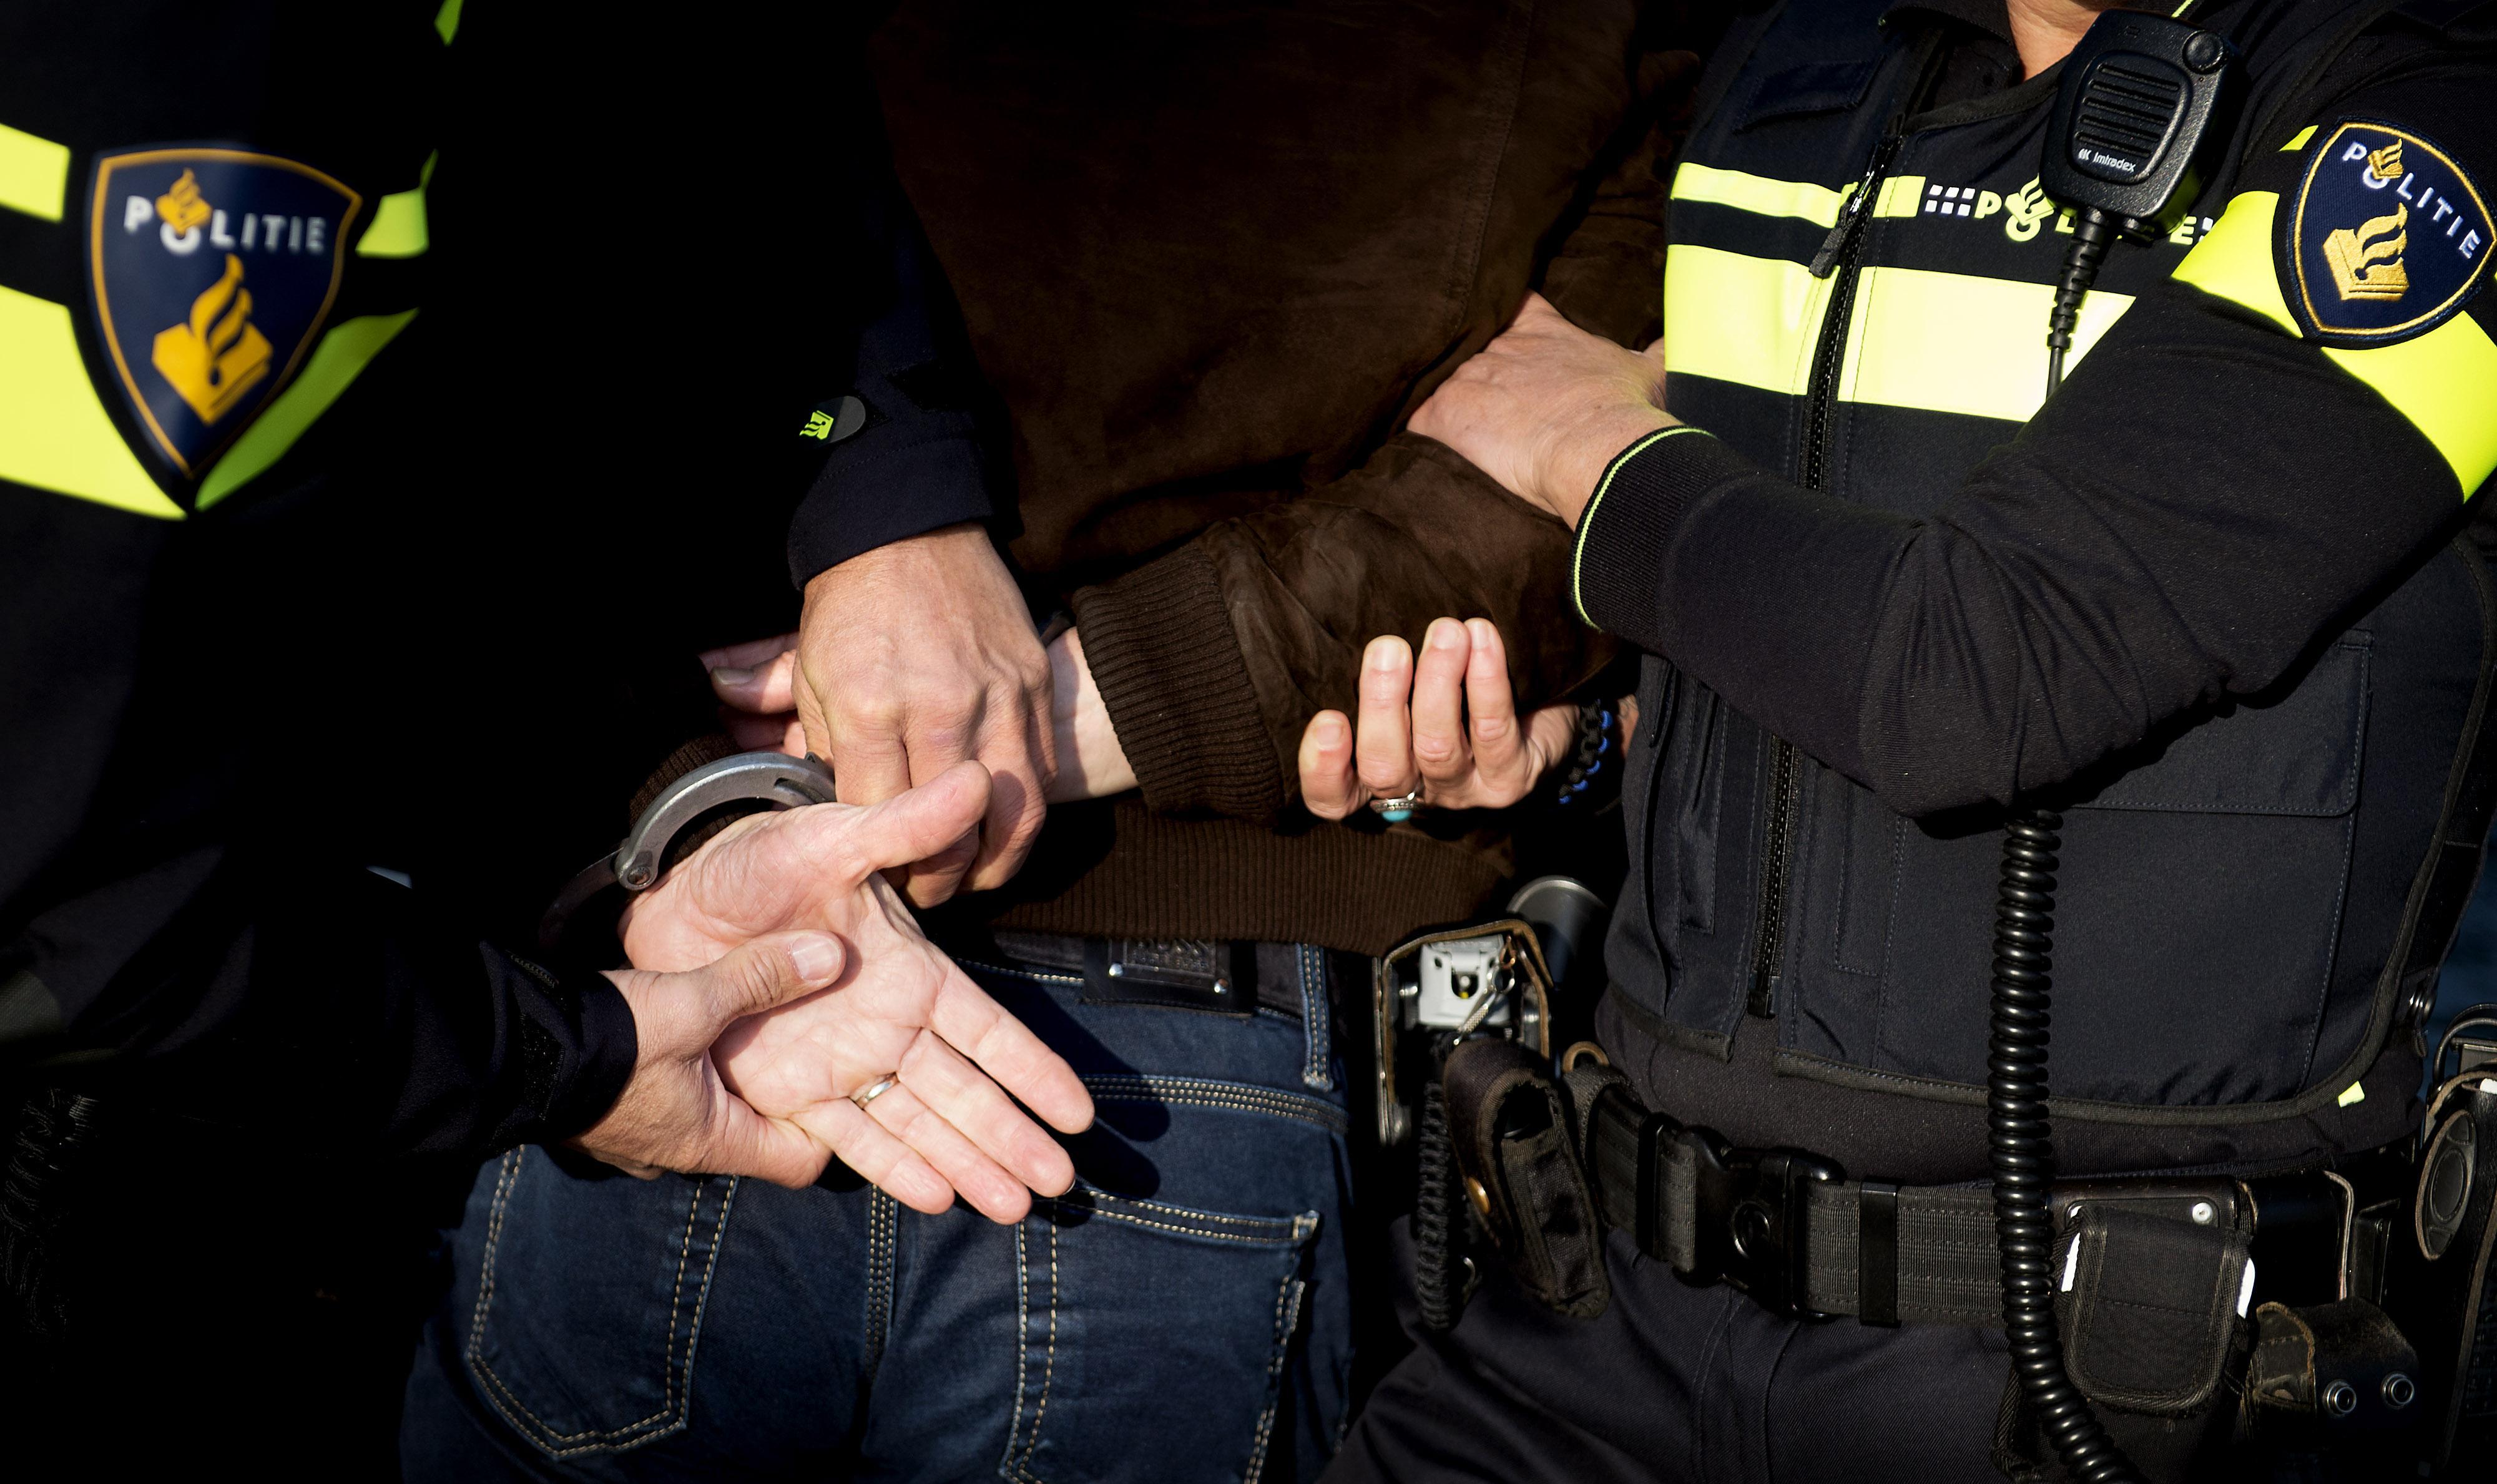 Drugs onder motorkap auto gevonden bij Hoofddorper